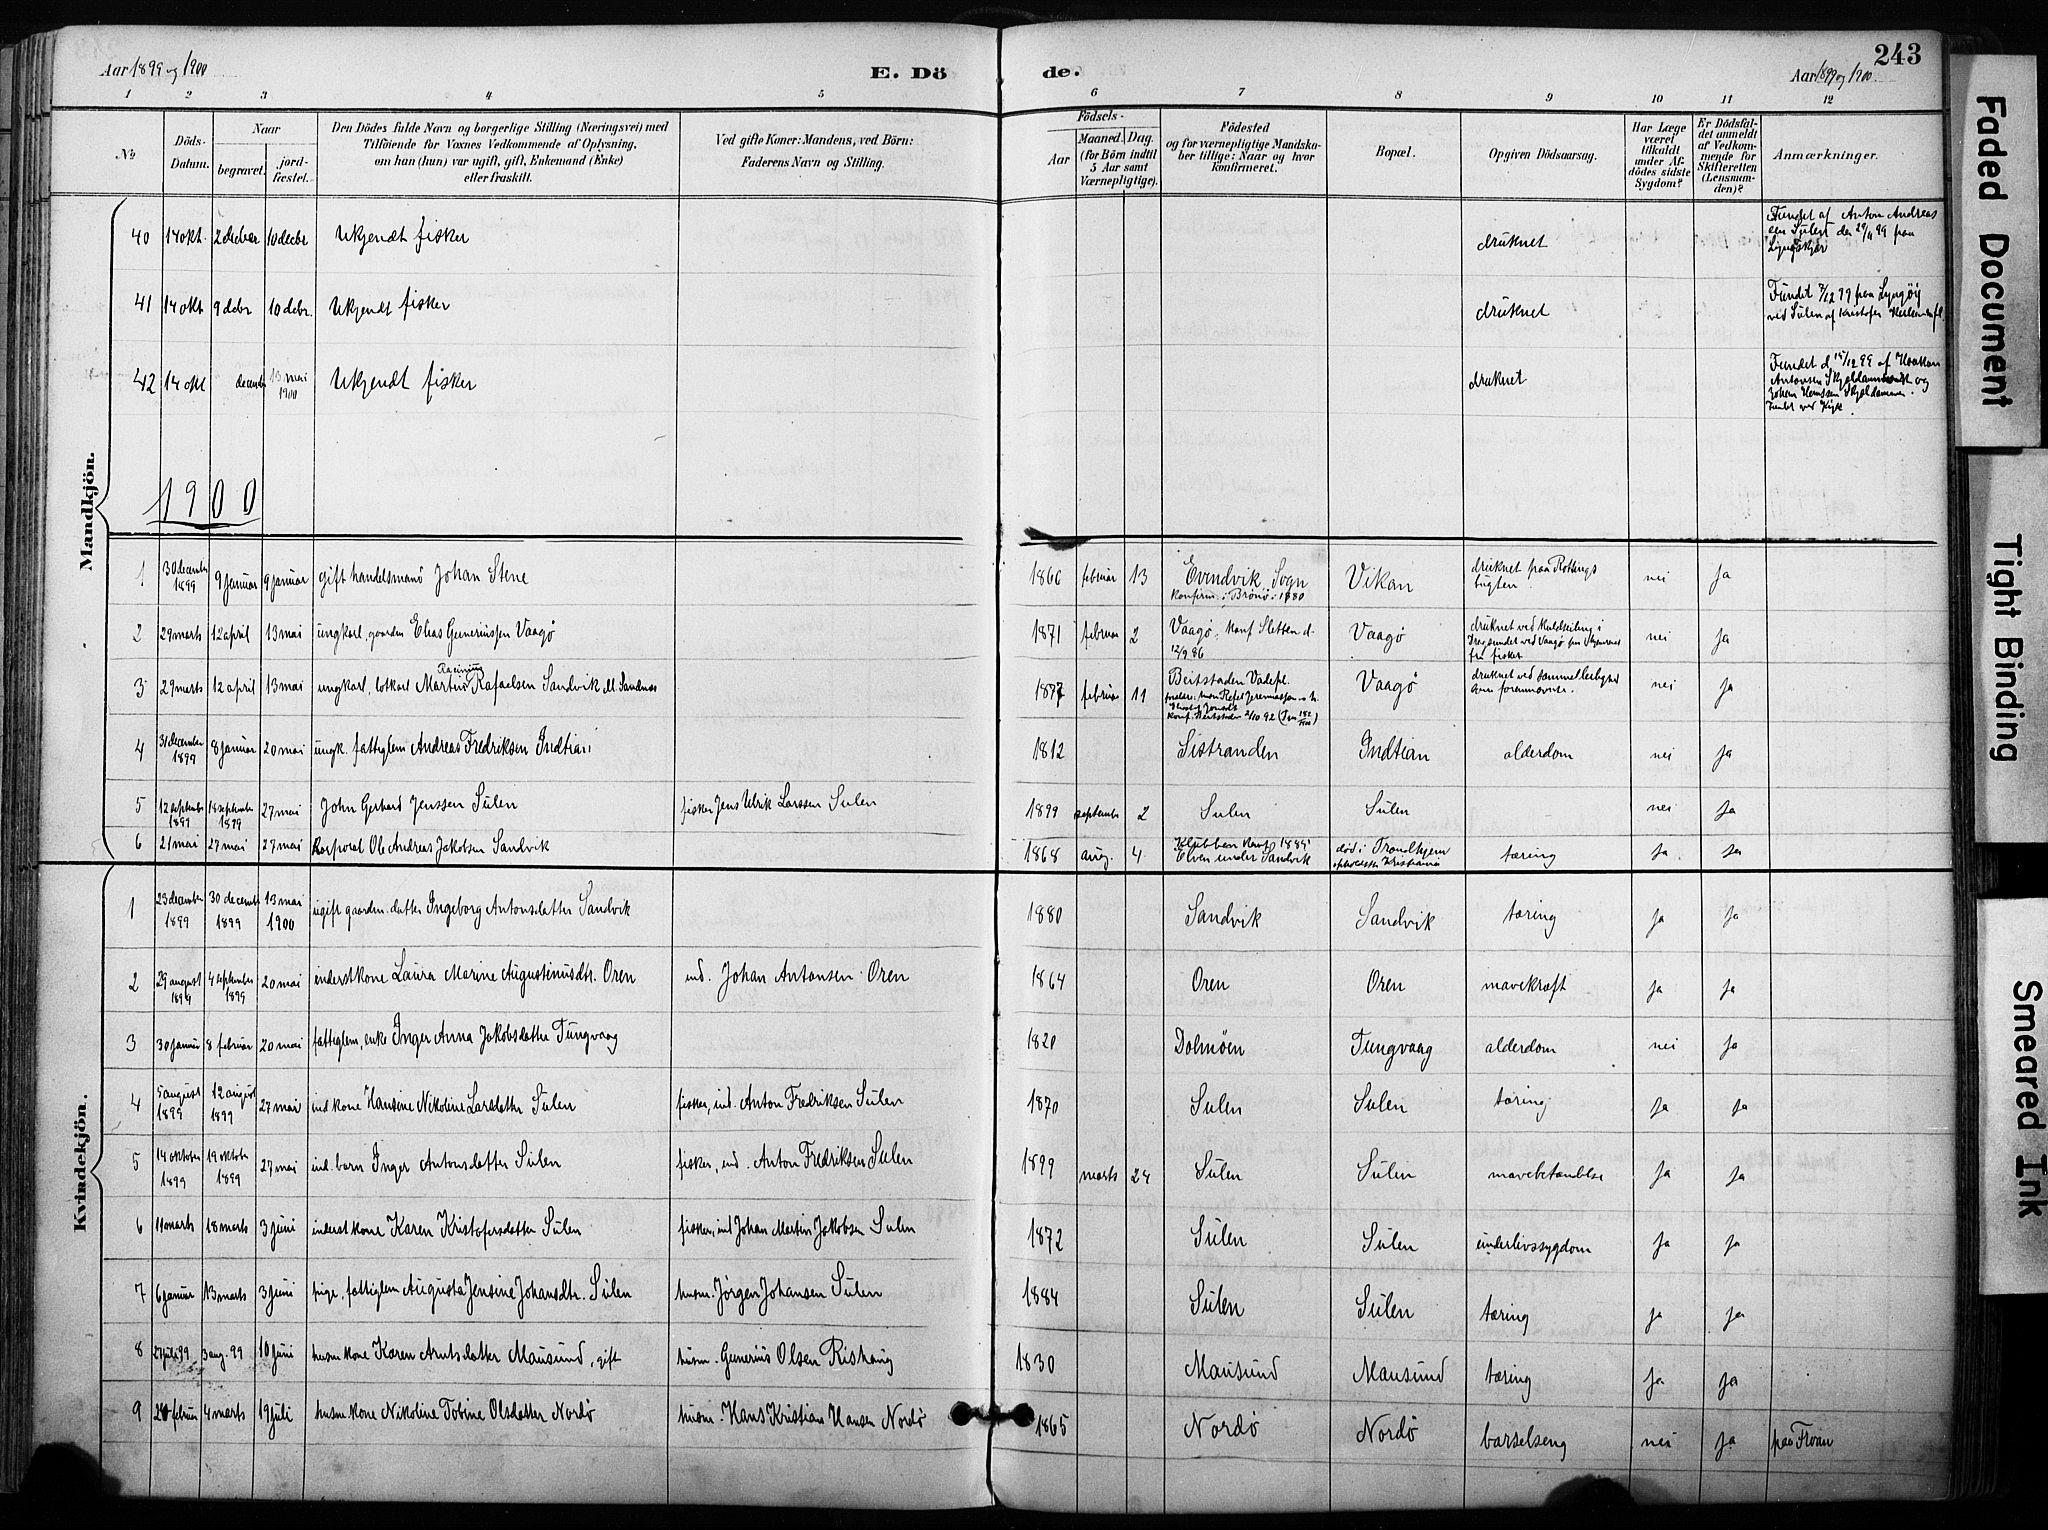 SAT, Ministerialprotokoller, klokkerbøker og fødselsregistre - Sør-Trøndelag, 640/L0579: Ministerialbok nr. 640A04, 1889-1902, s. 243